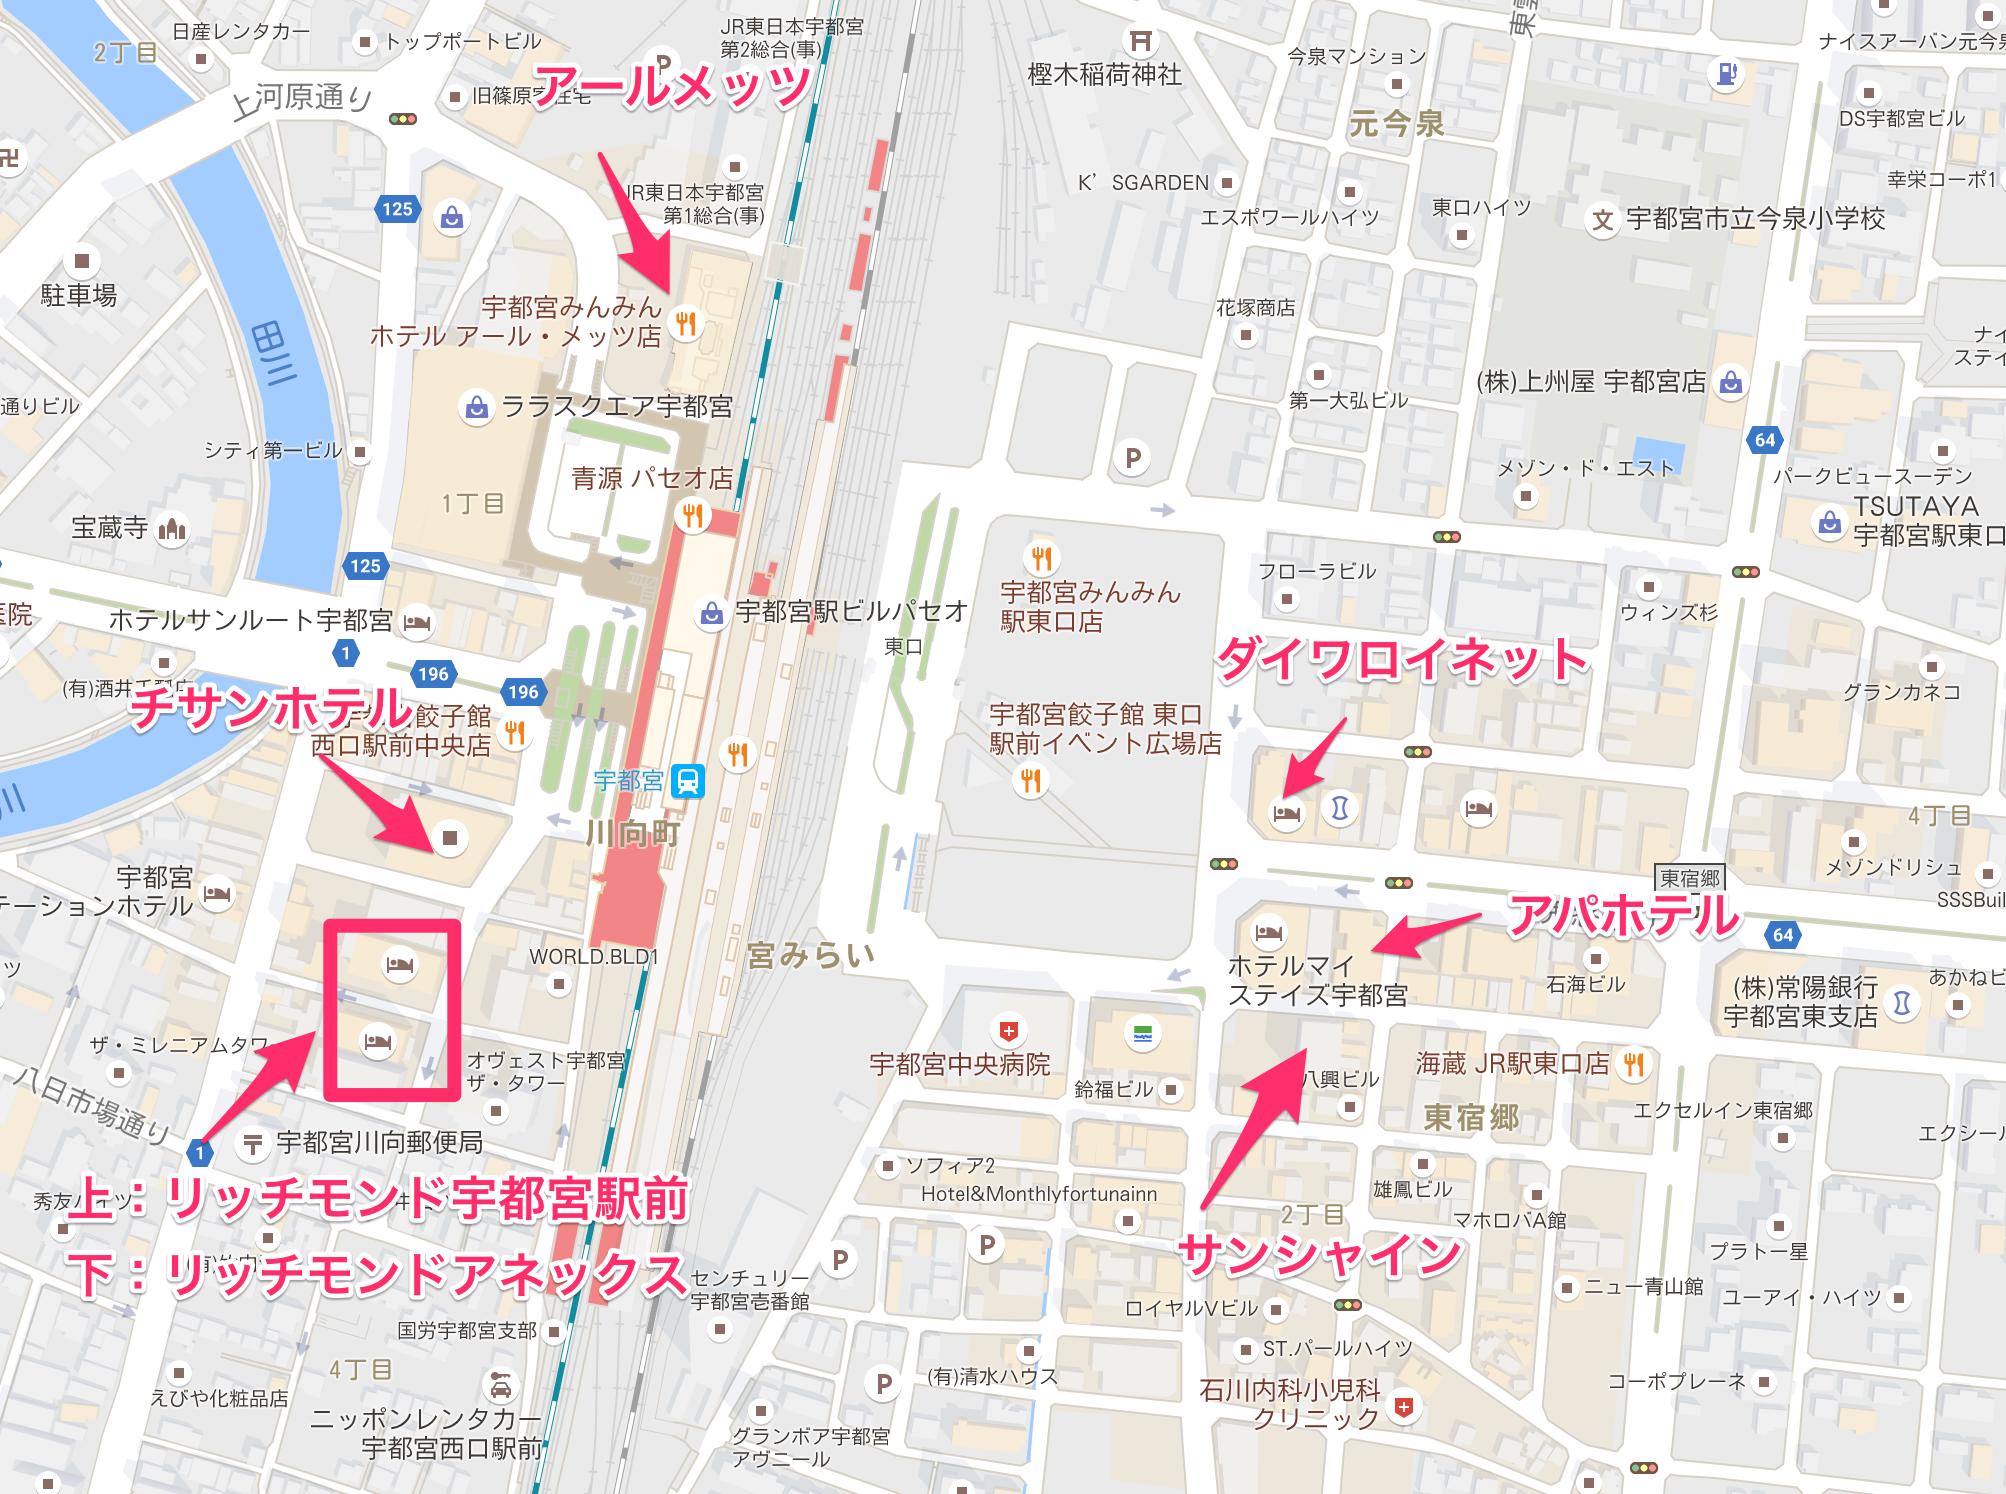 Utsunomiya station 宇都宮駅周辺